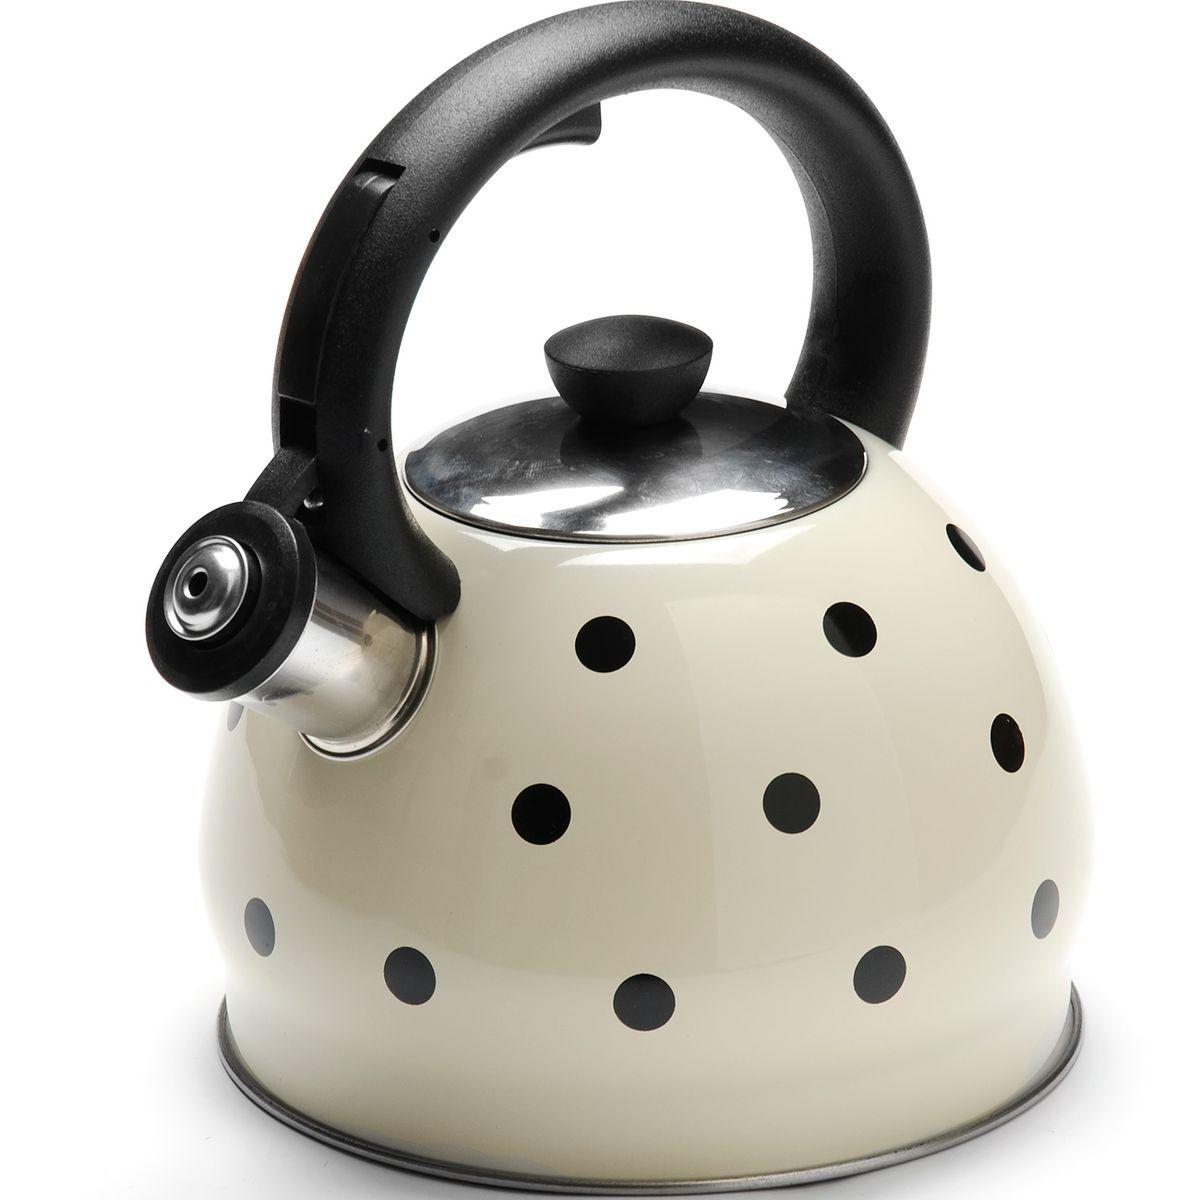 Чайник Mayer & Boch Горох, со свистком, 2 л. 2589225892Чайник со свистком Mayer & Boch изготовлен из высококачественной нержавеющей стали, что обеспечивает долговечность использования. Носик чайника оснащен откидным свистком, звуковой сигнал которого подскажет, когда закипит вода. Свисток открывается нажатием кнопки на фиксированной ручке, сделанной из пластика. Чайник Mayer & Boch - качественное исполнение и стильное решение для вашей кухни. Подходит для всех типов плит, включая индукционные. Можно мыть в посудомоечной машине. Высота чайника (с учетом ручки и крышки): 20 см.Высота чайника (без учета ручки и крышки): 12 см.Диаметр чайника (по верхнему краю): 9 см.Диаметр основания: 16,5 см.